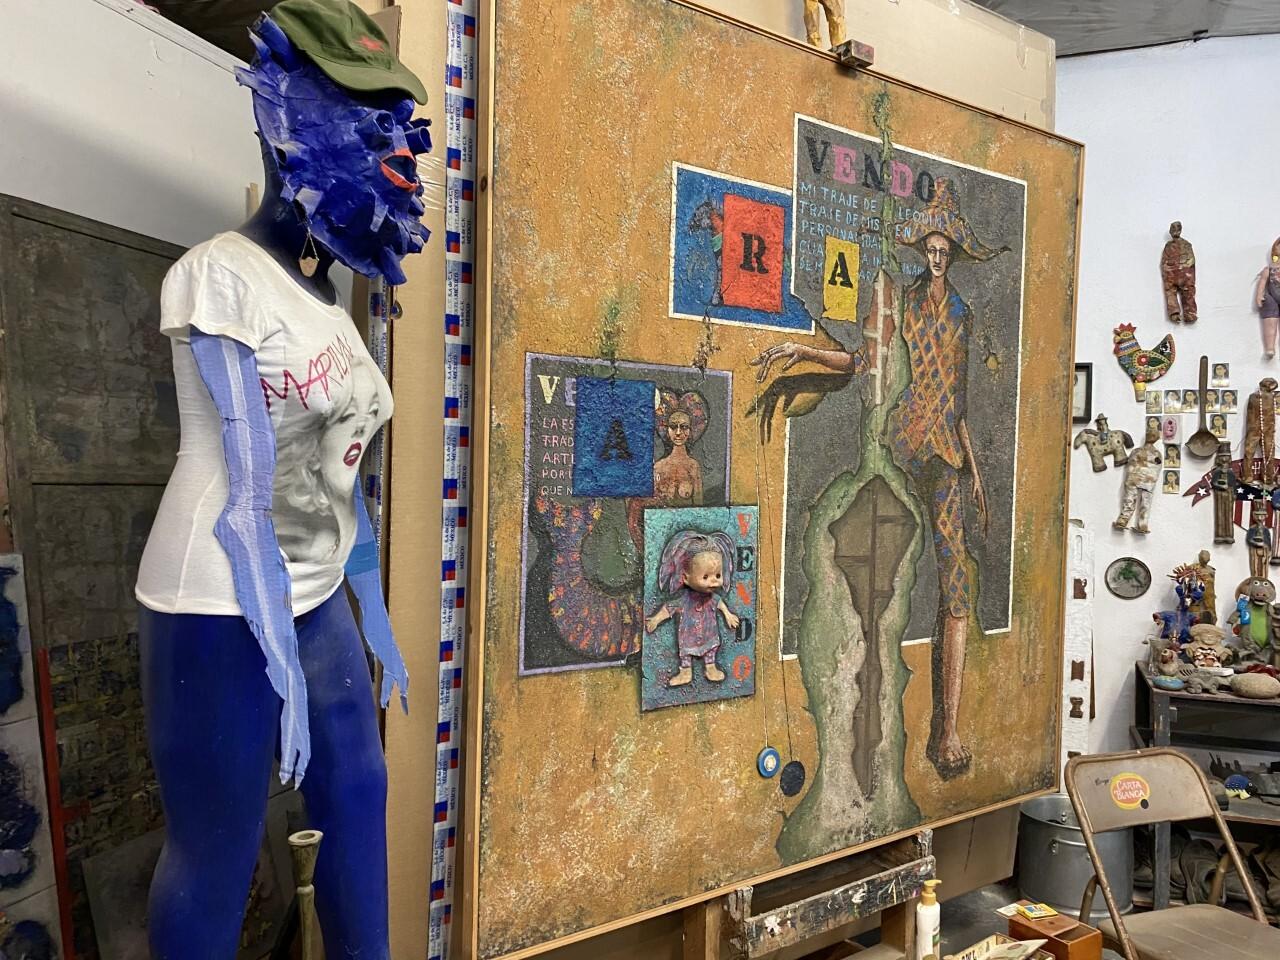 Imágenes del estudio que perteneció al fallecido Álvaro Blancarte, en Tecate, Baja California.